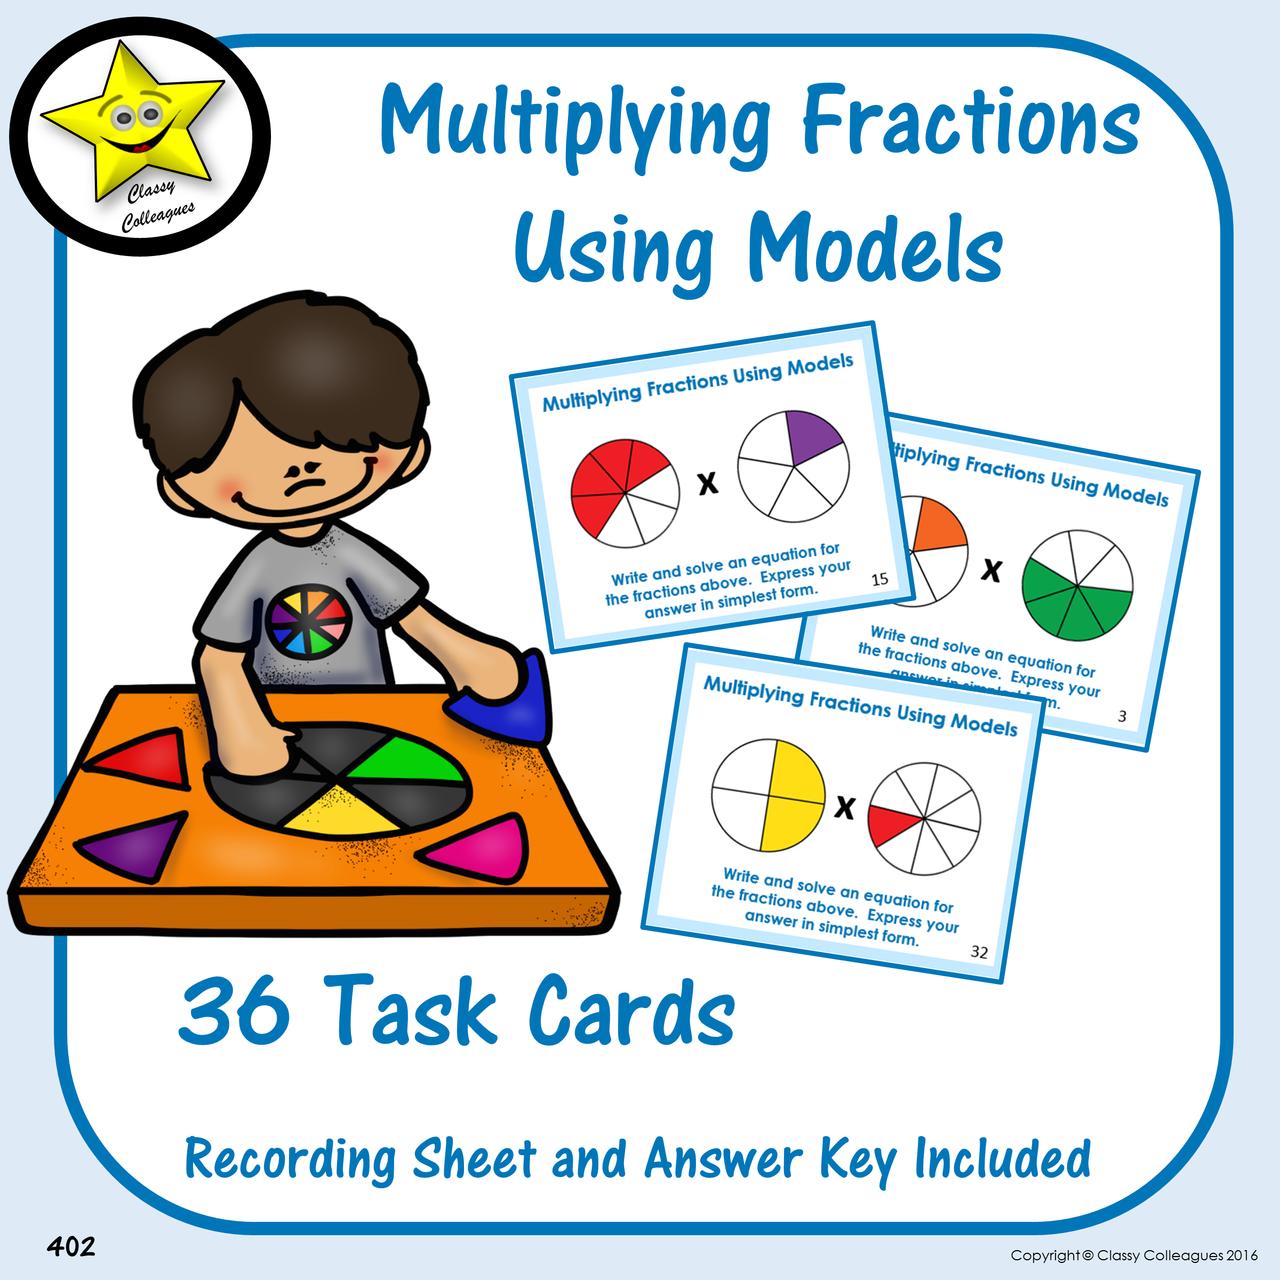 Multiplying Fractions Using Models